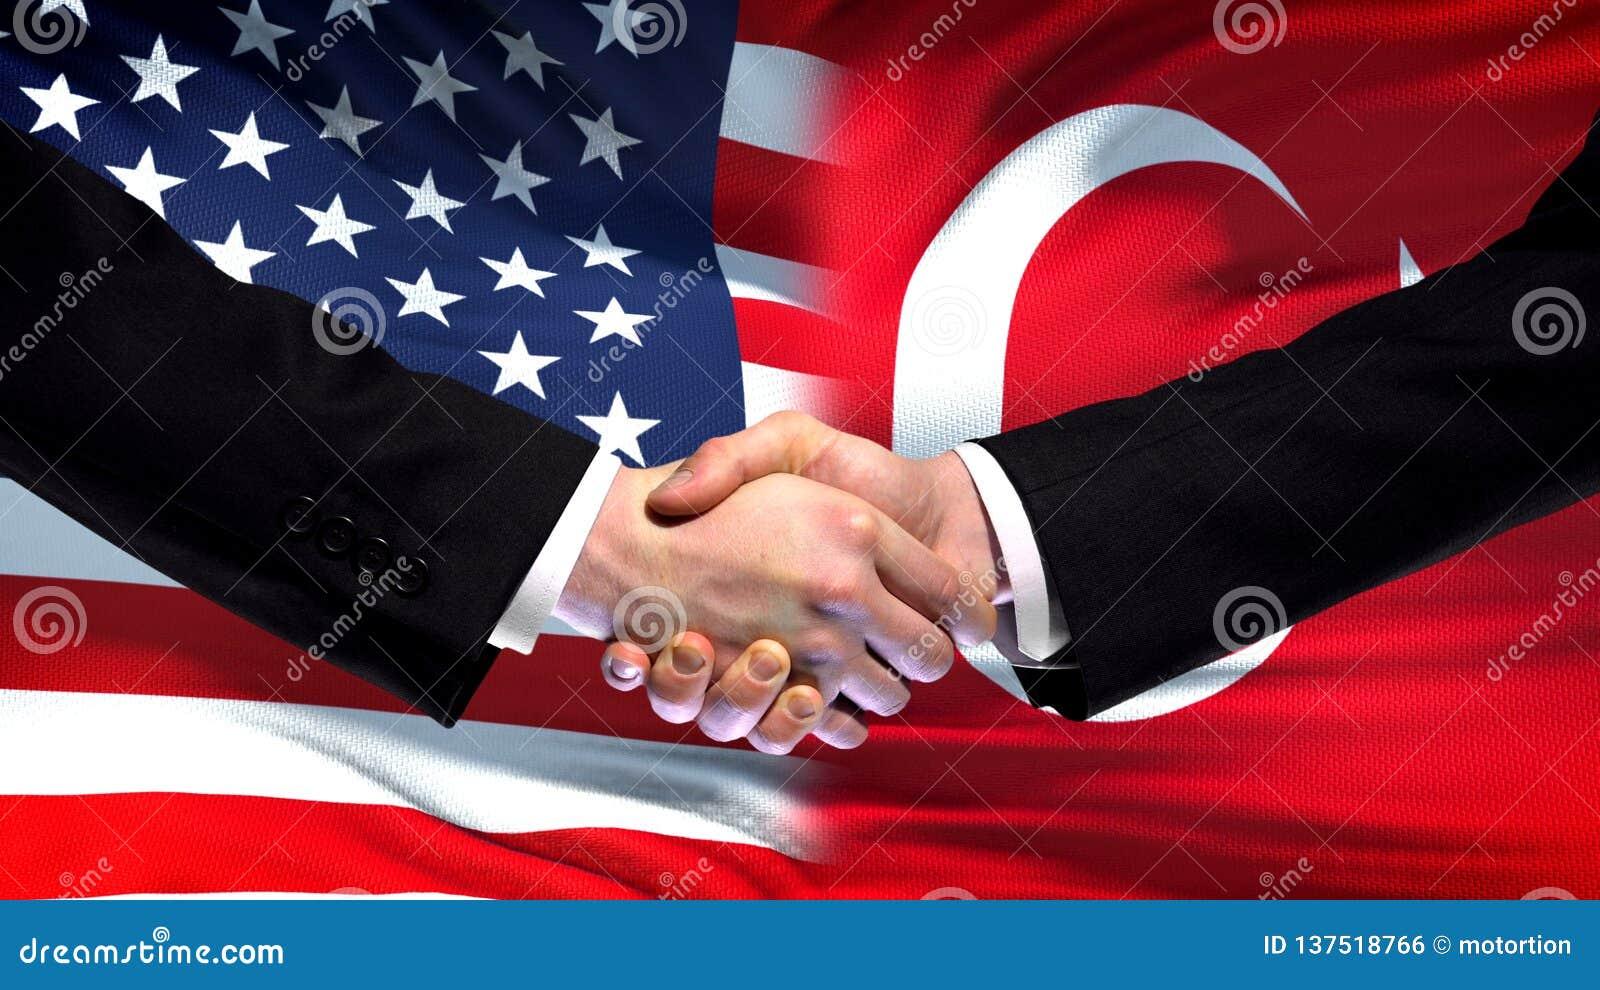 Рукопожатие Соединенных Штатов и Турции, международное приятельство, предпосылка флага